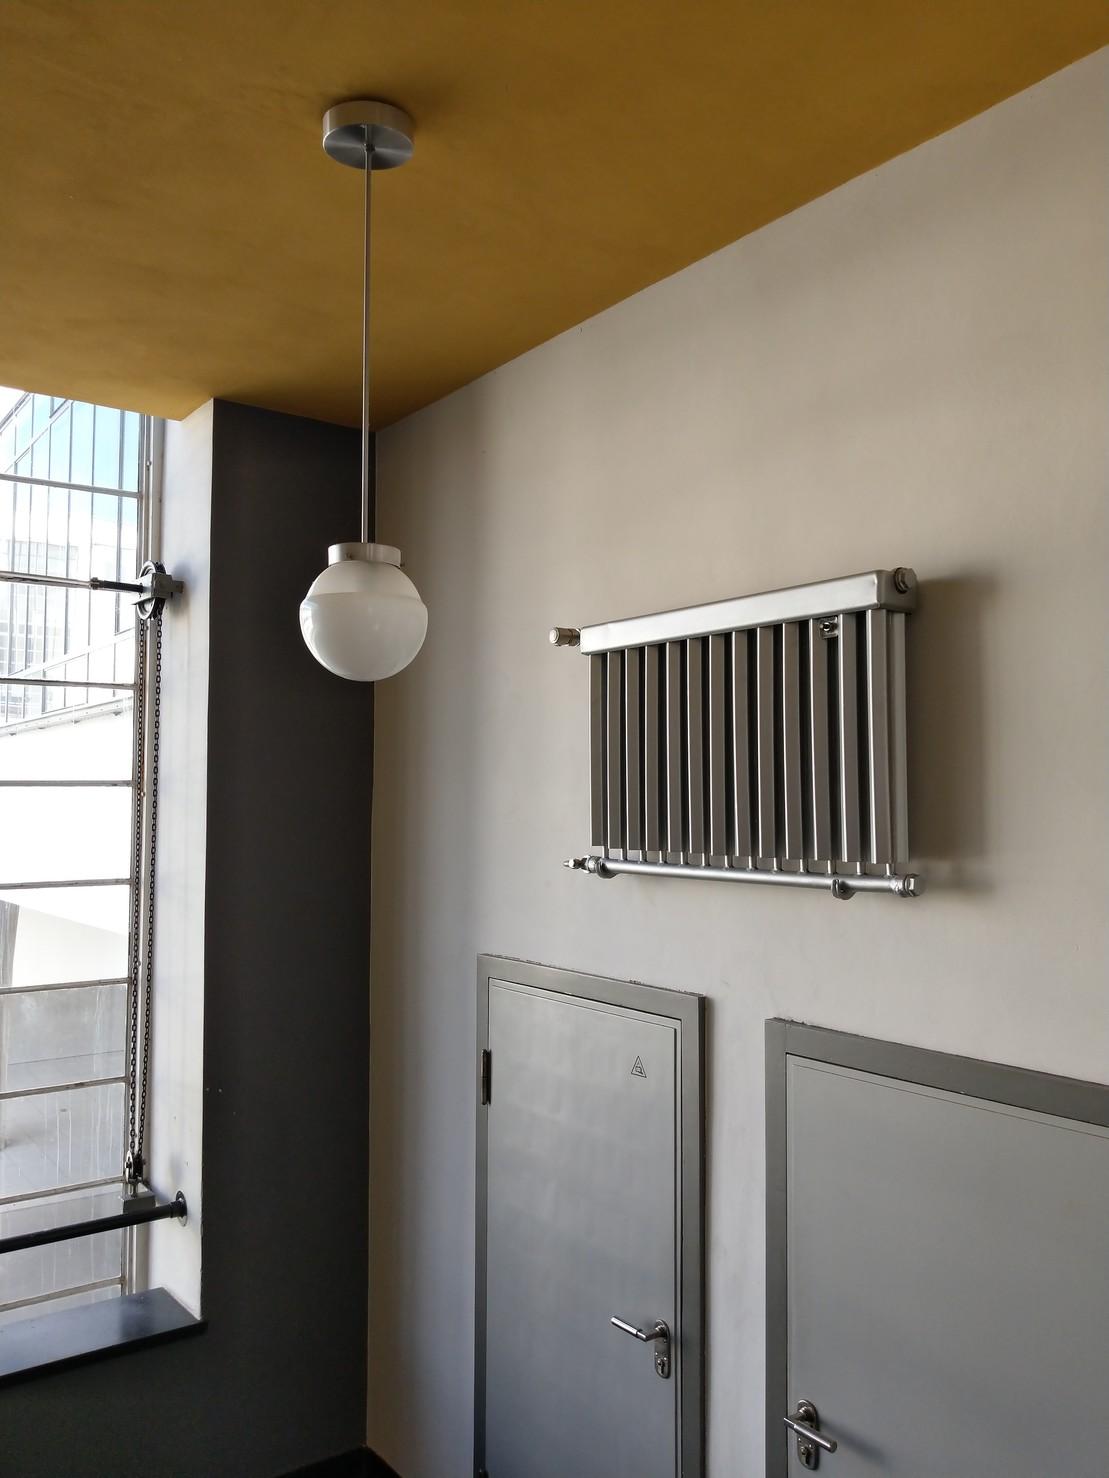 Full Size of Heizkörper Bad Badezimmer Elektroheizkörper Bauhaus Fenster Für Wohnzimmer Wohnzimmer Heizkörper Bauhaus